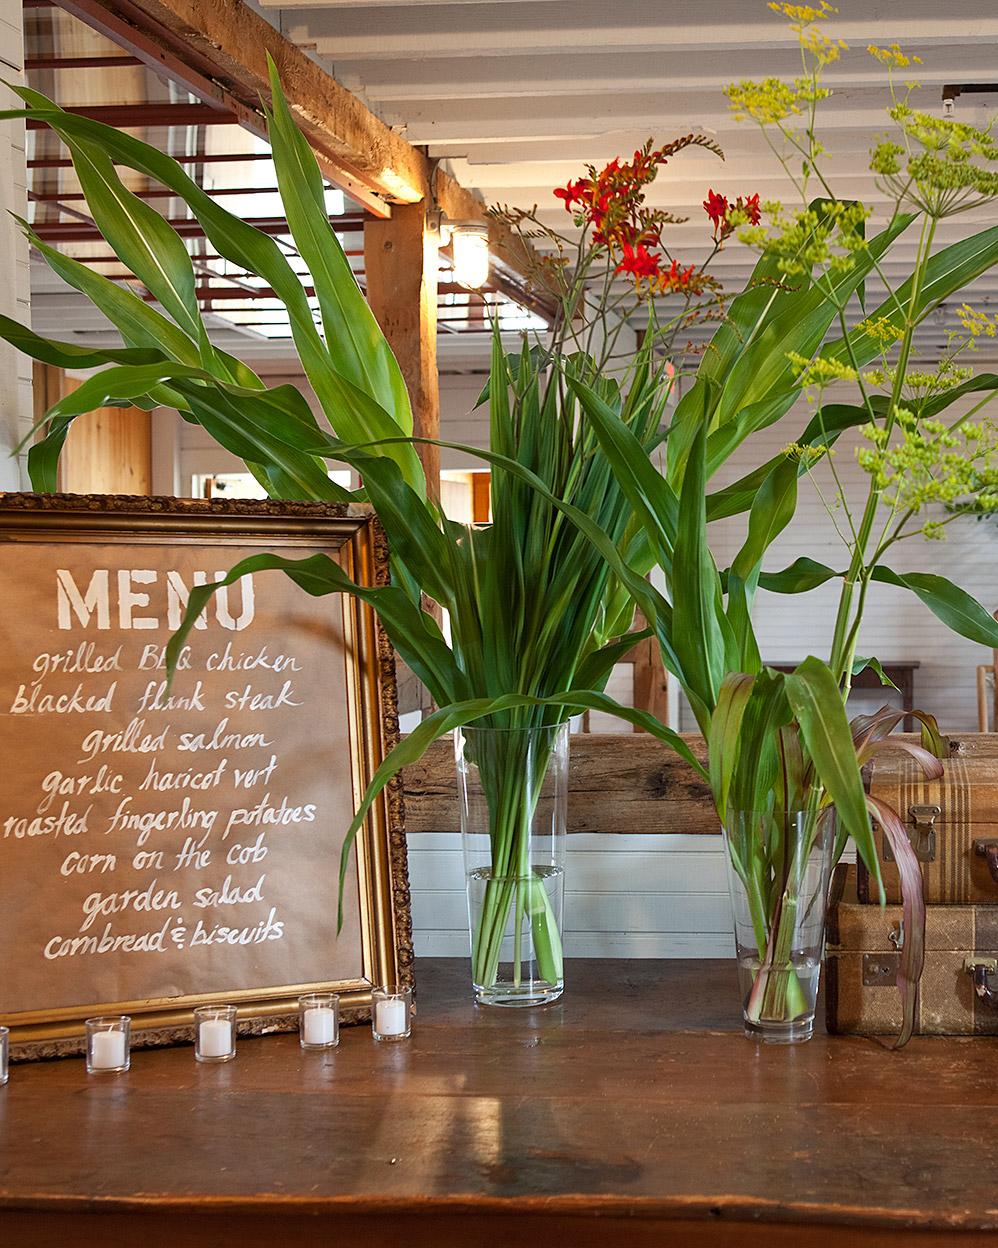 menu-0811wd106246.jpg